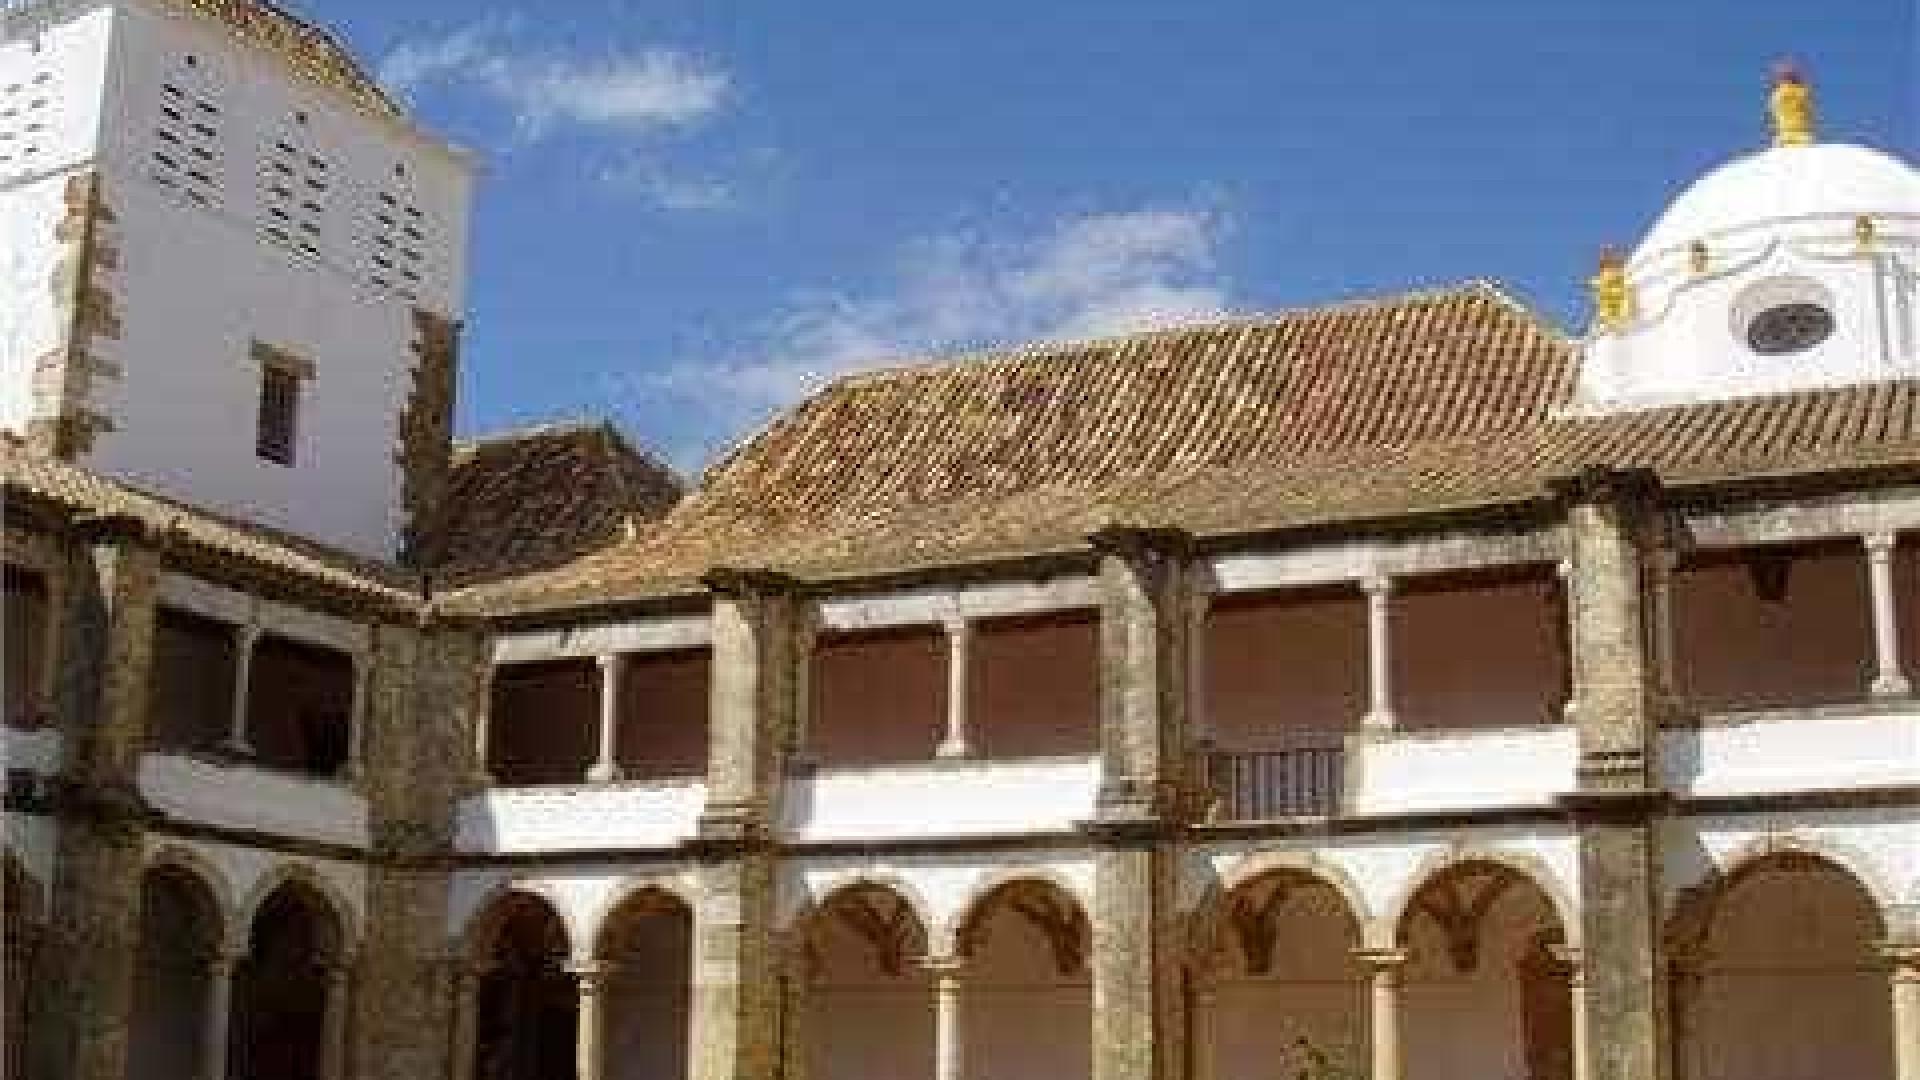 Telas de mestres da pintura barroca de Portugal e Espanha em exposição